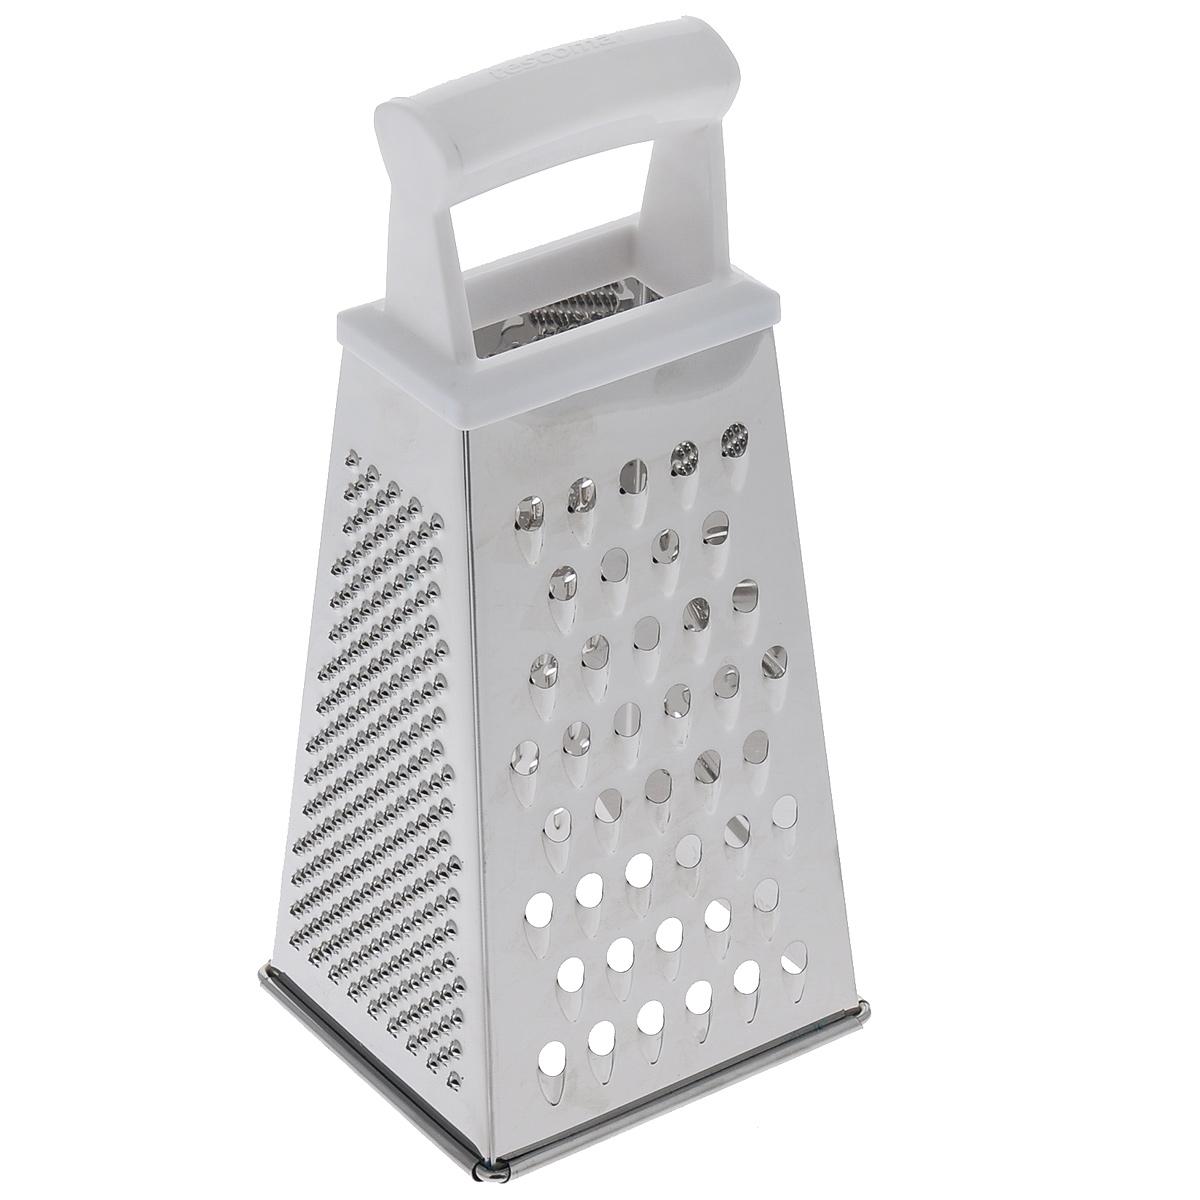 Терка четырехгранная Tescoma Handy, цвет: белый, высота 22 см